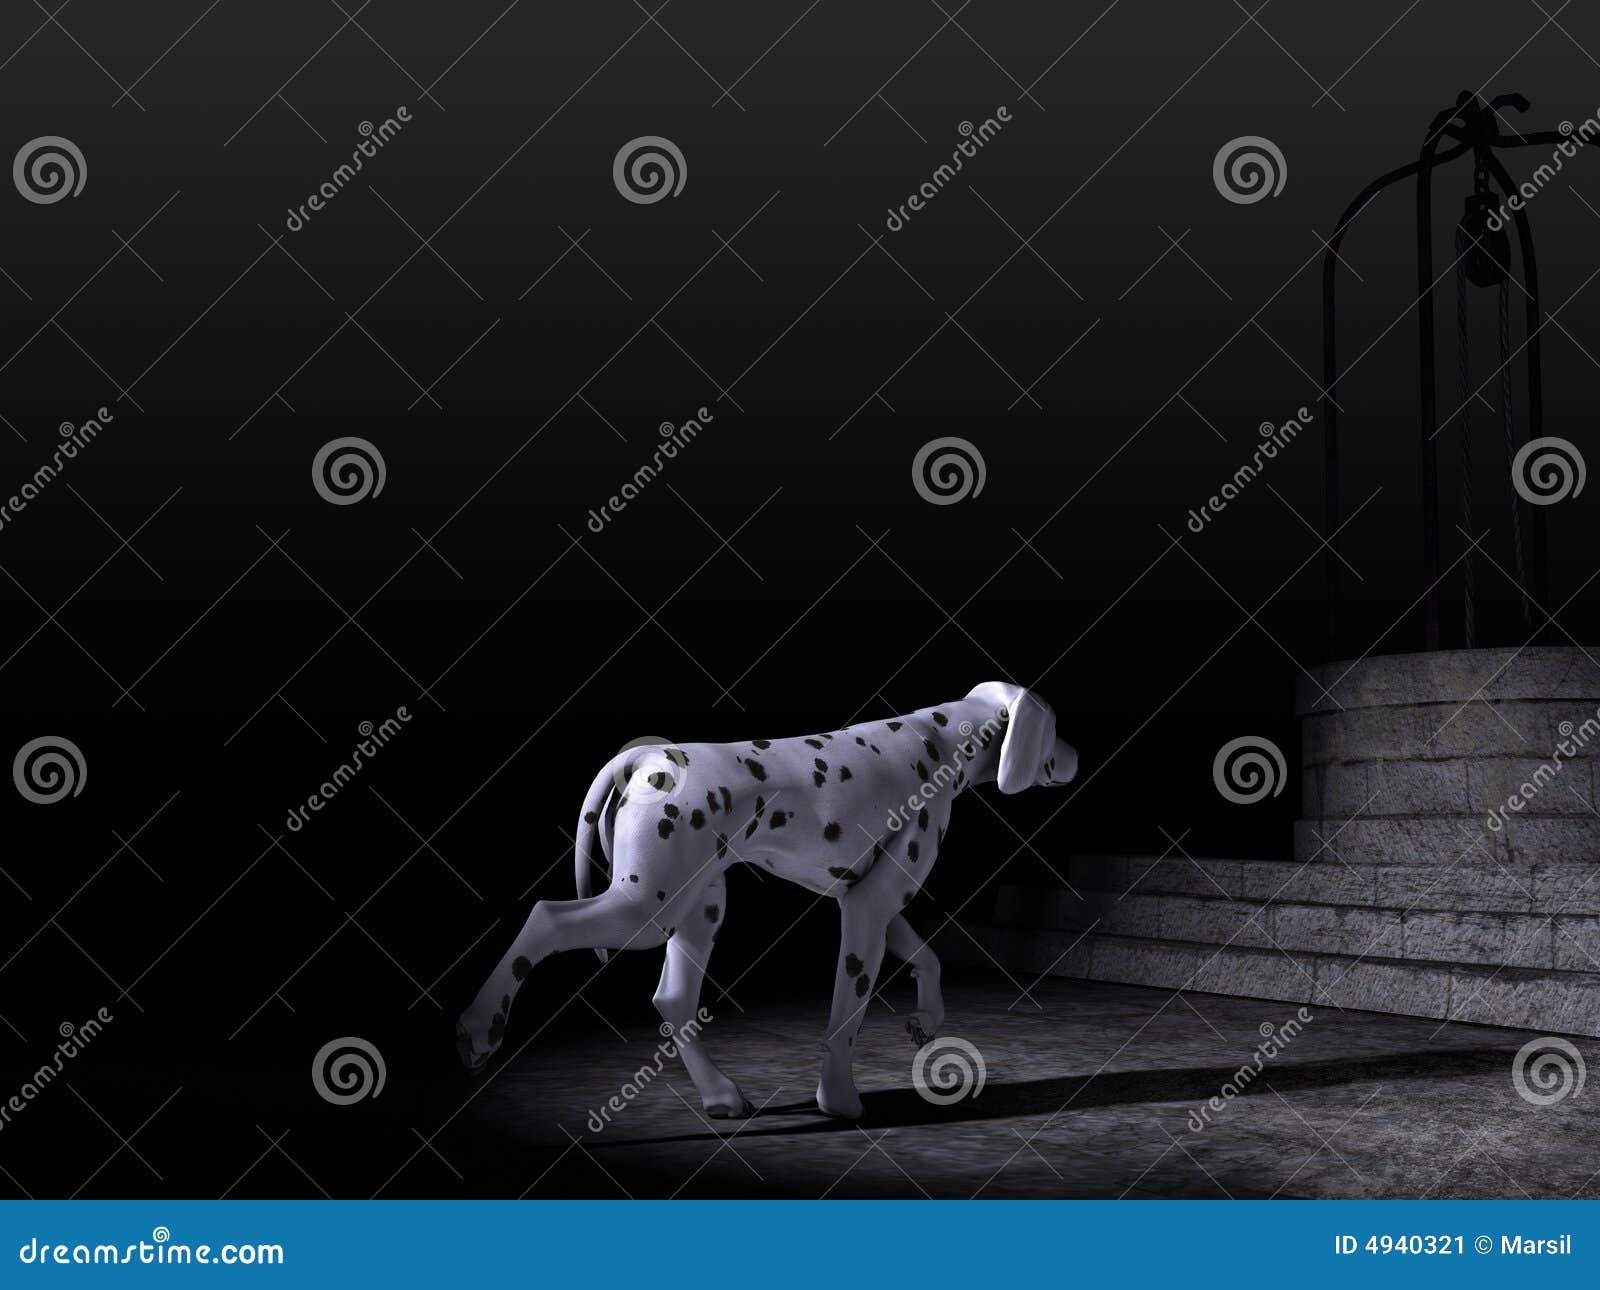 Dalmatian Dog in the night